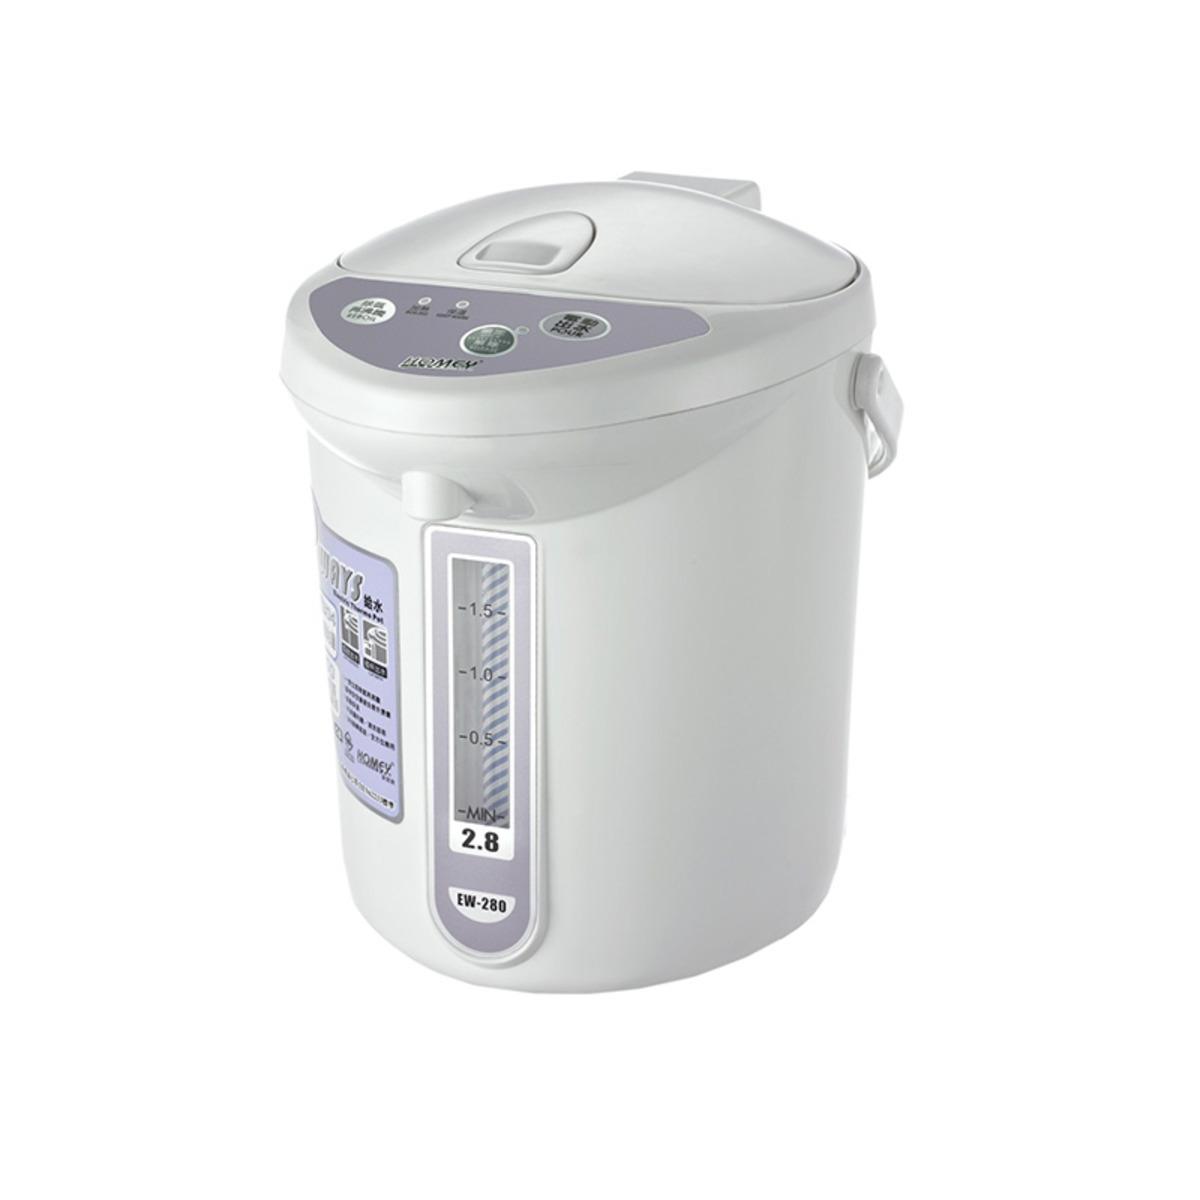 全自動電熱水瓶 EW-280